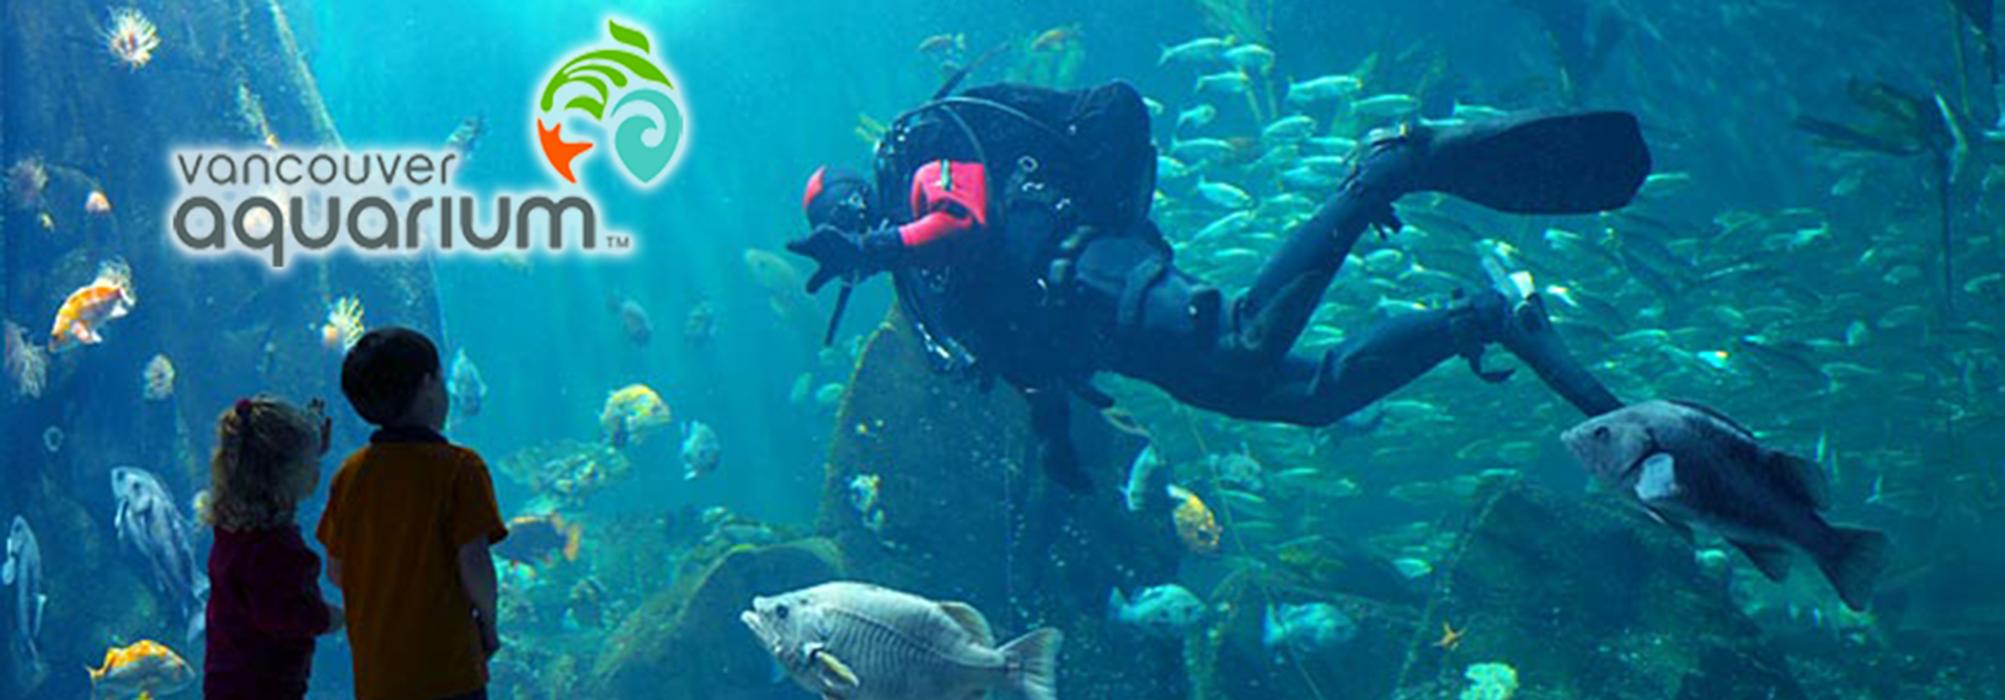 Fish aquarium vancouver - Vancouver Aquarium